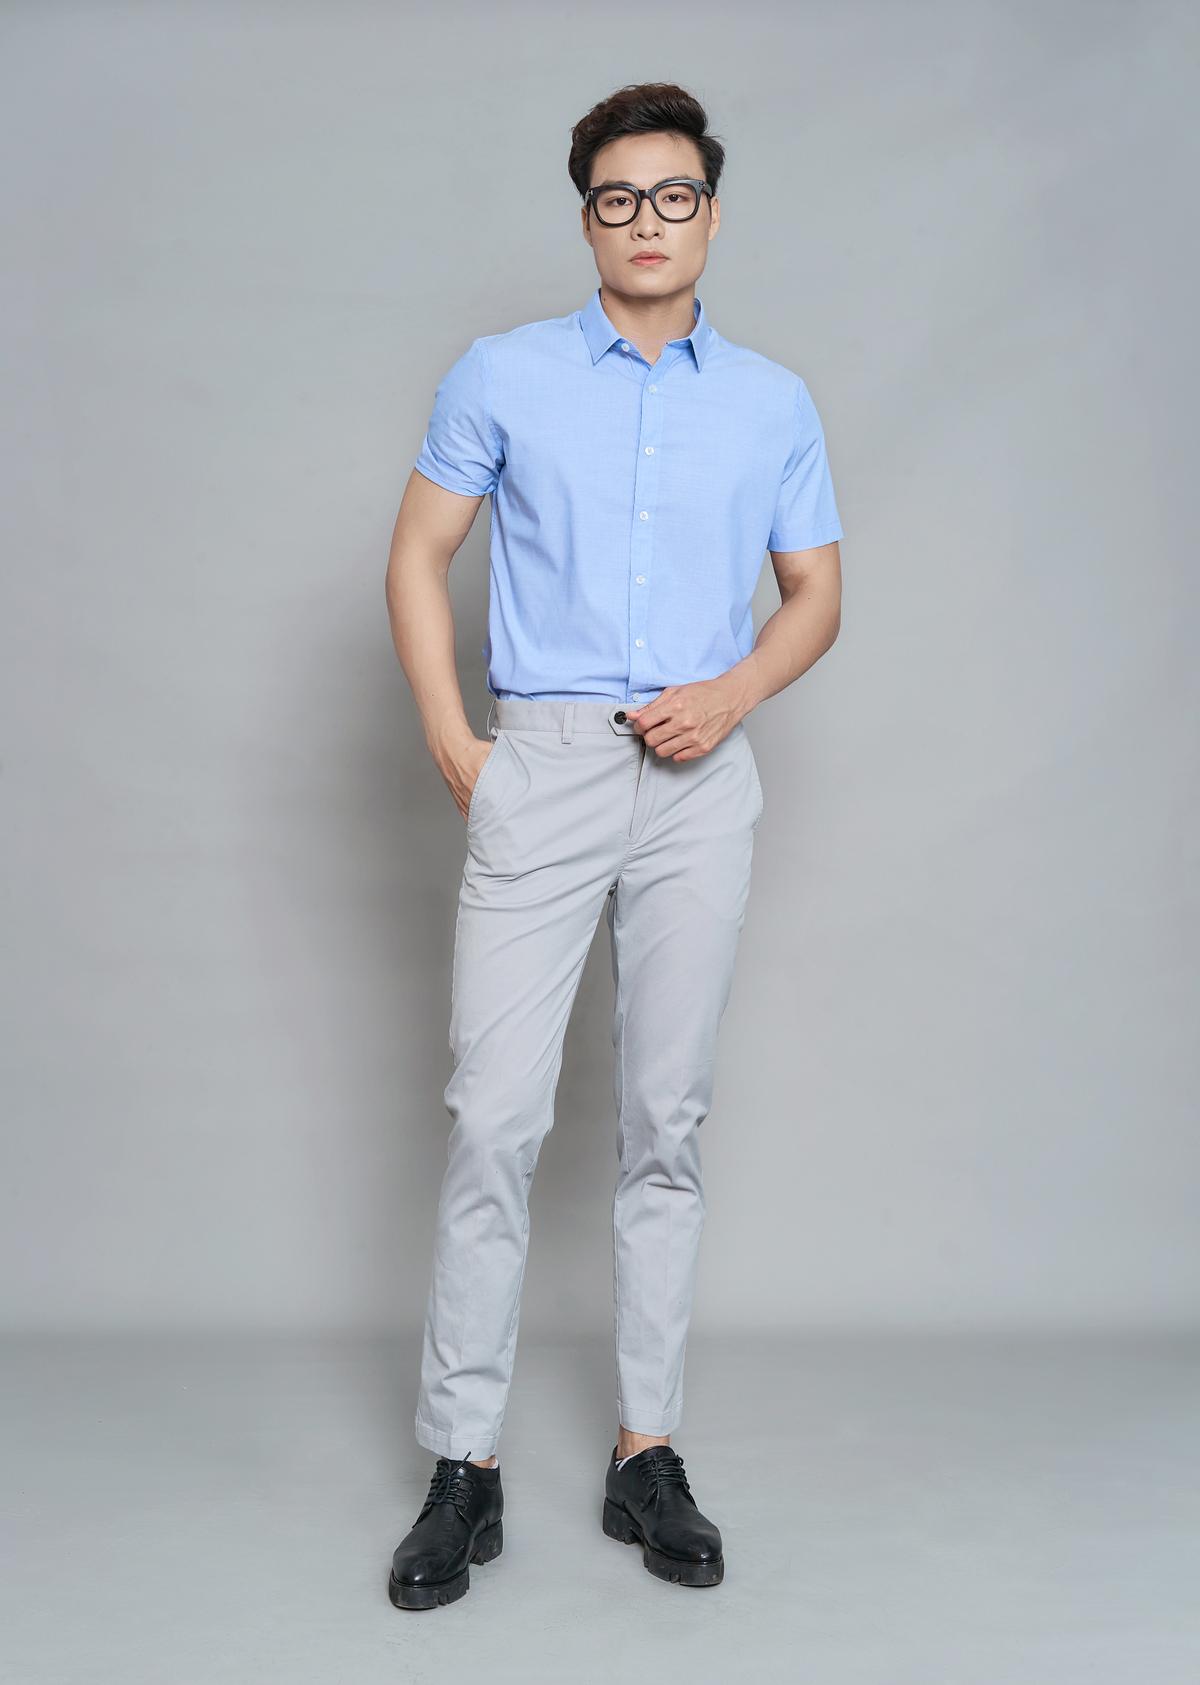 Quần kaki nam màu 3 DGC - SQK1901M giảm 20% còn 516.000 thiết kế với phom dáng ôm vừa vặn, co giãn nhẹ. Màu săc trung tính, dễ phối kết hợp cùng các dáng áo, mang lại phong cách trẻ trung và đầy phóng khoáng dành cho phái mạnh.